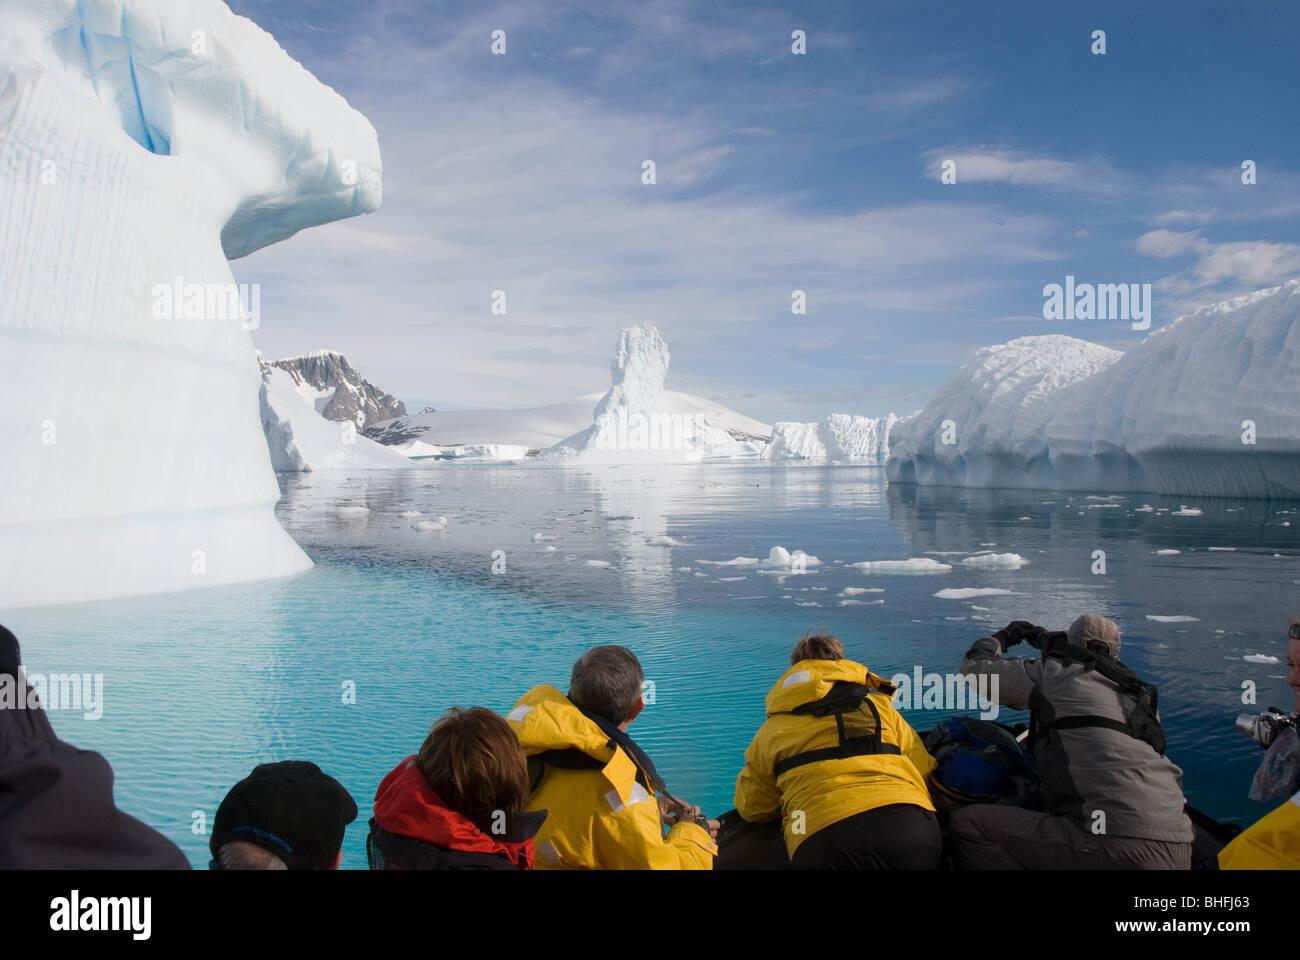 Profitez d'une croisière touristique zodiac entre glace échouée près de l'Île Pleneau Photo Stock